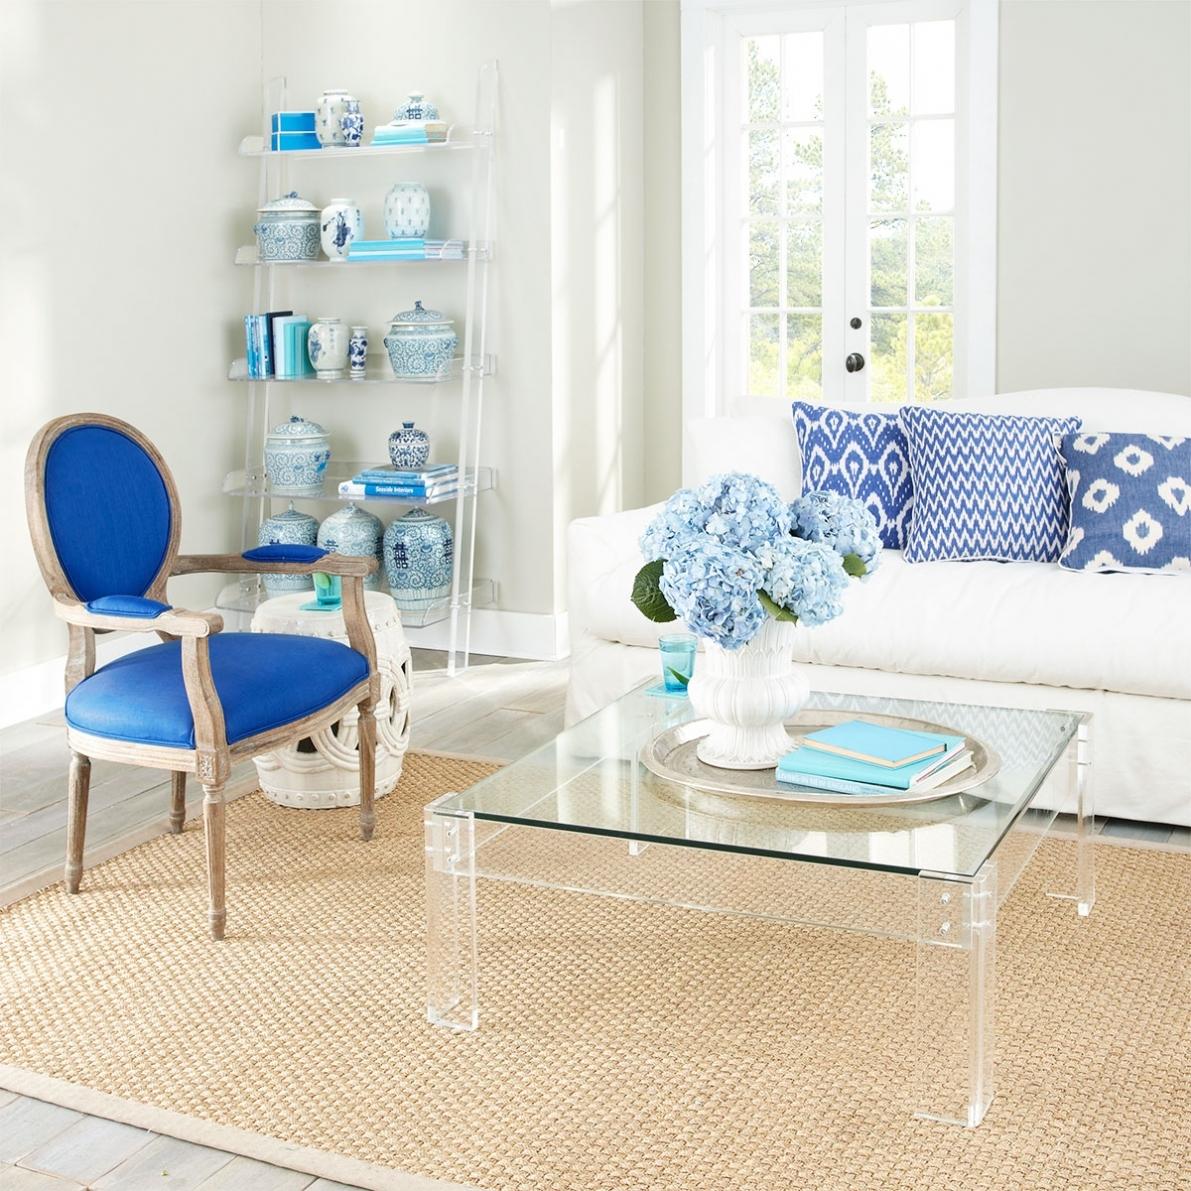 Hình ảnh một phòng khách hiện đại với ghế ngồi bọc nệm màu xanh dương dịu mắt, bàn trà trong suột đặt trên thảm cói, kệ thanh trong suốt ở góc phòng